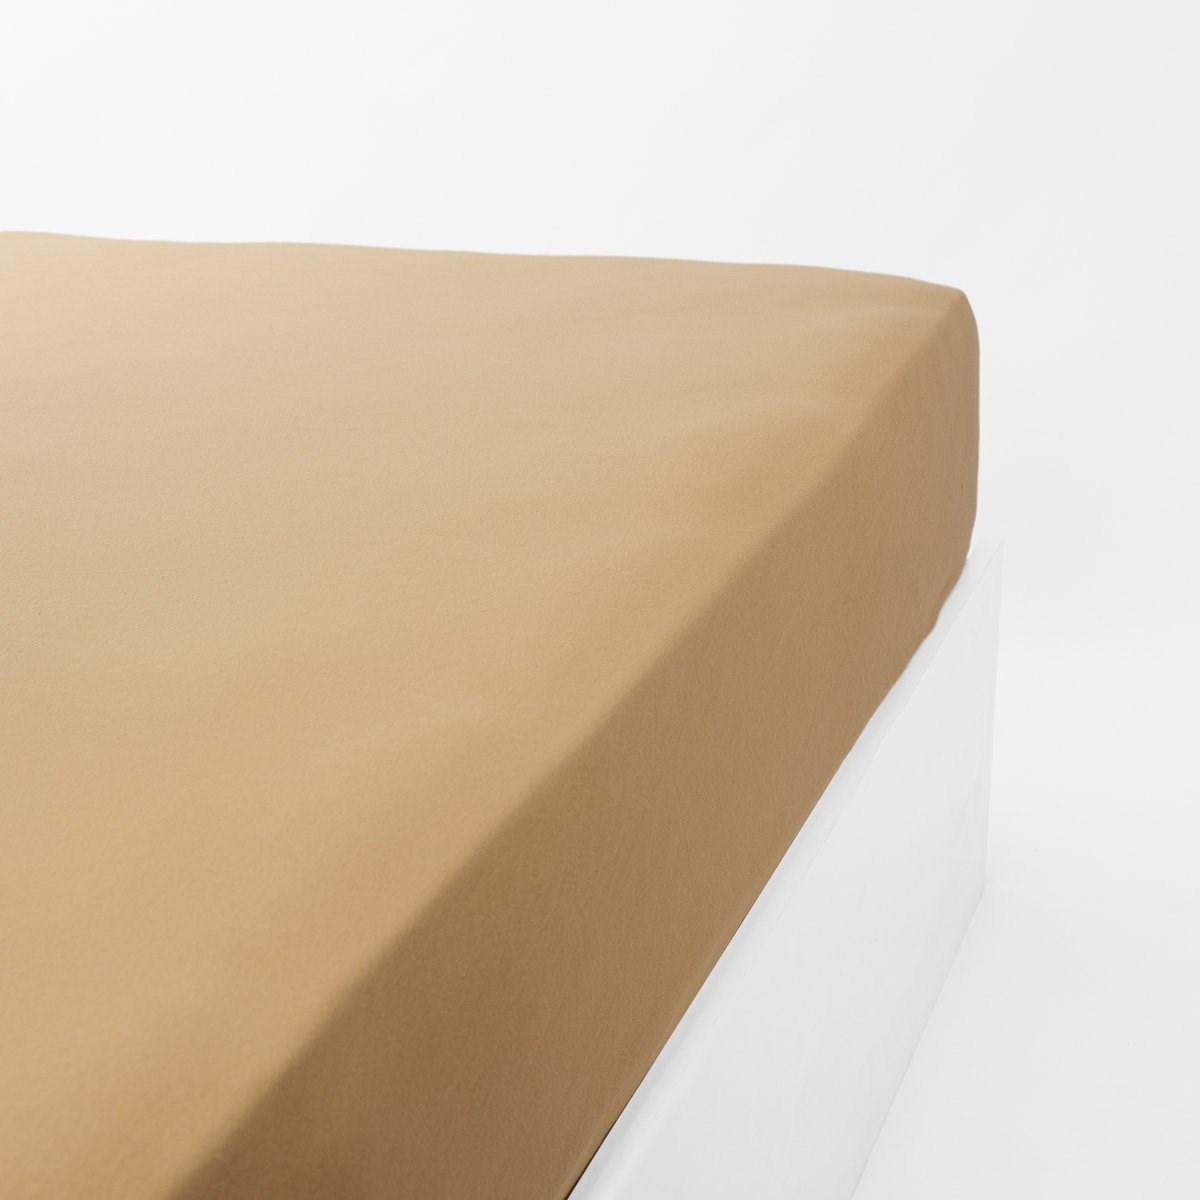 Drap housse jersey extensible en coton caramel 120x200 cm